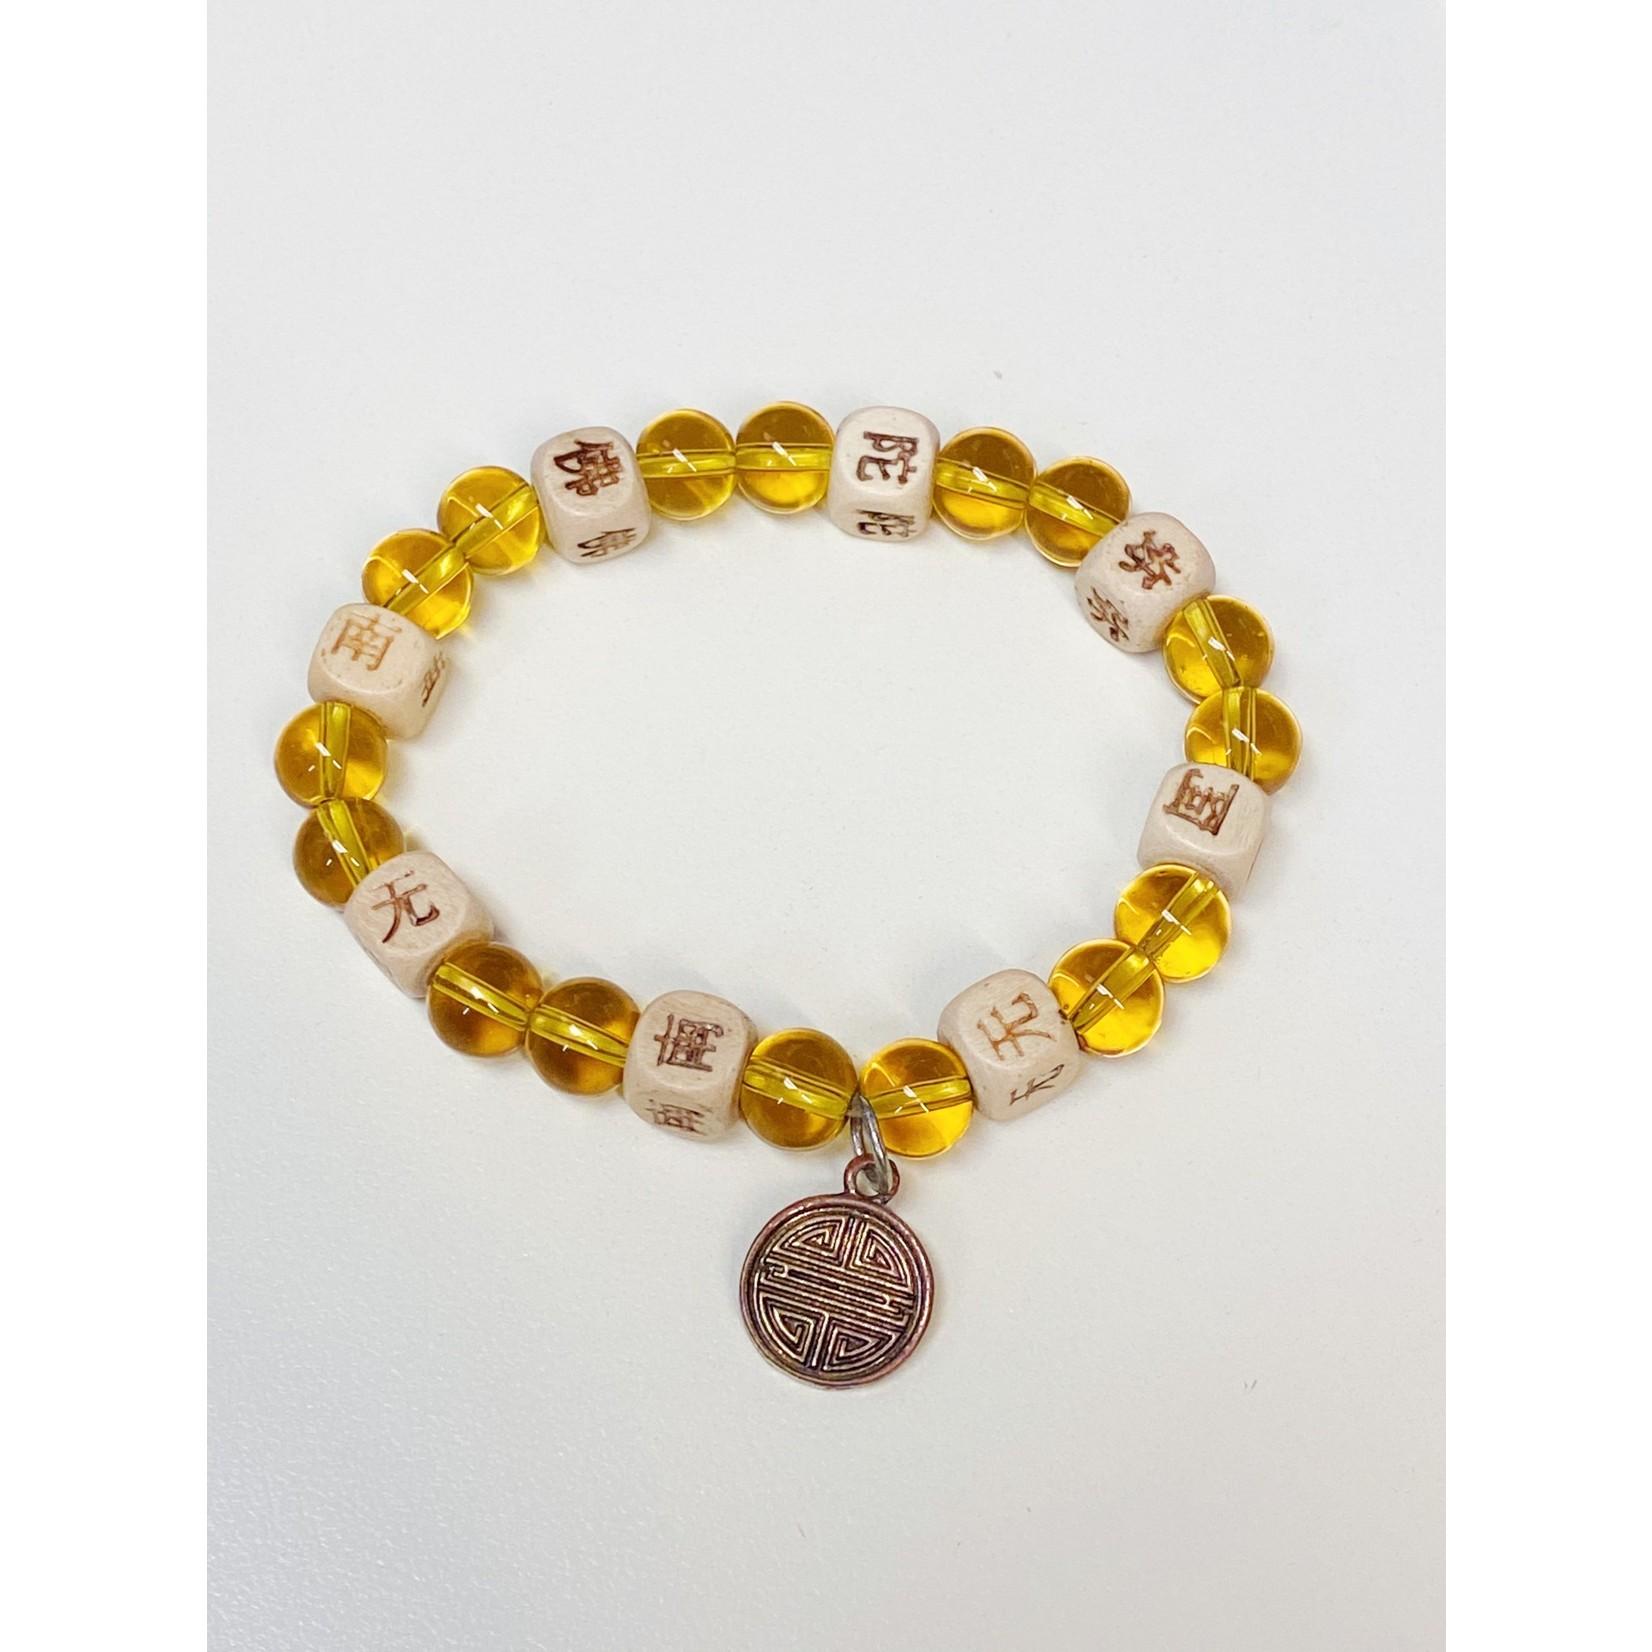 Kashu Sales Stretch Zen Bracelet Longevity